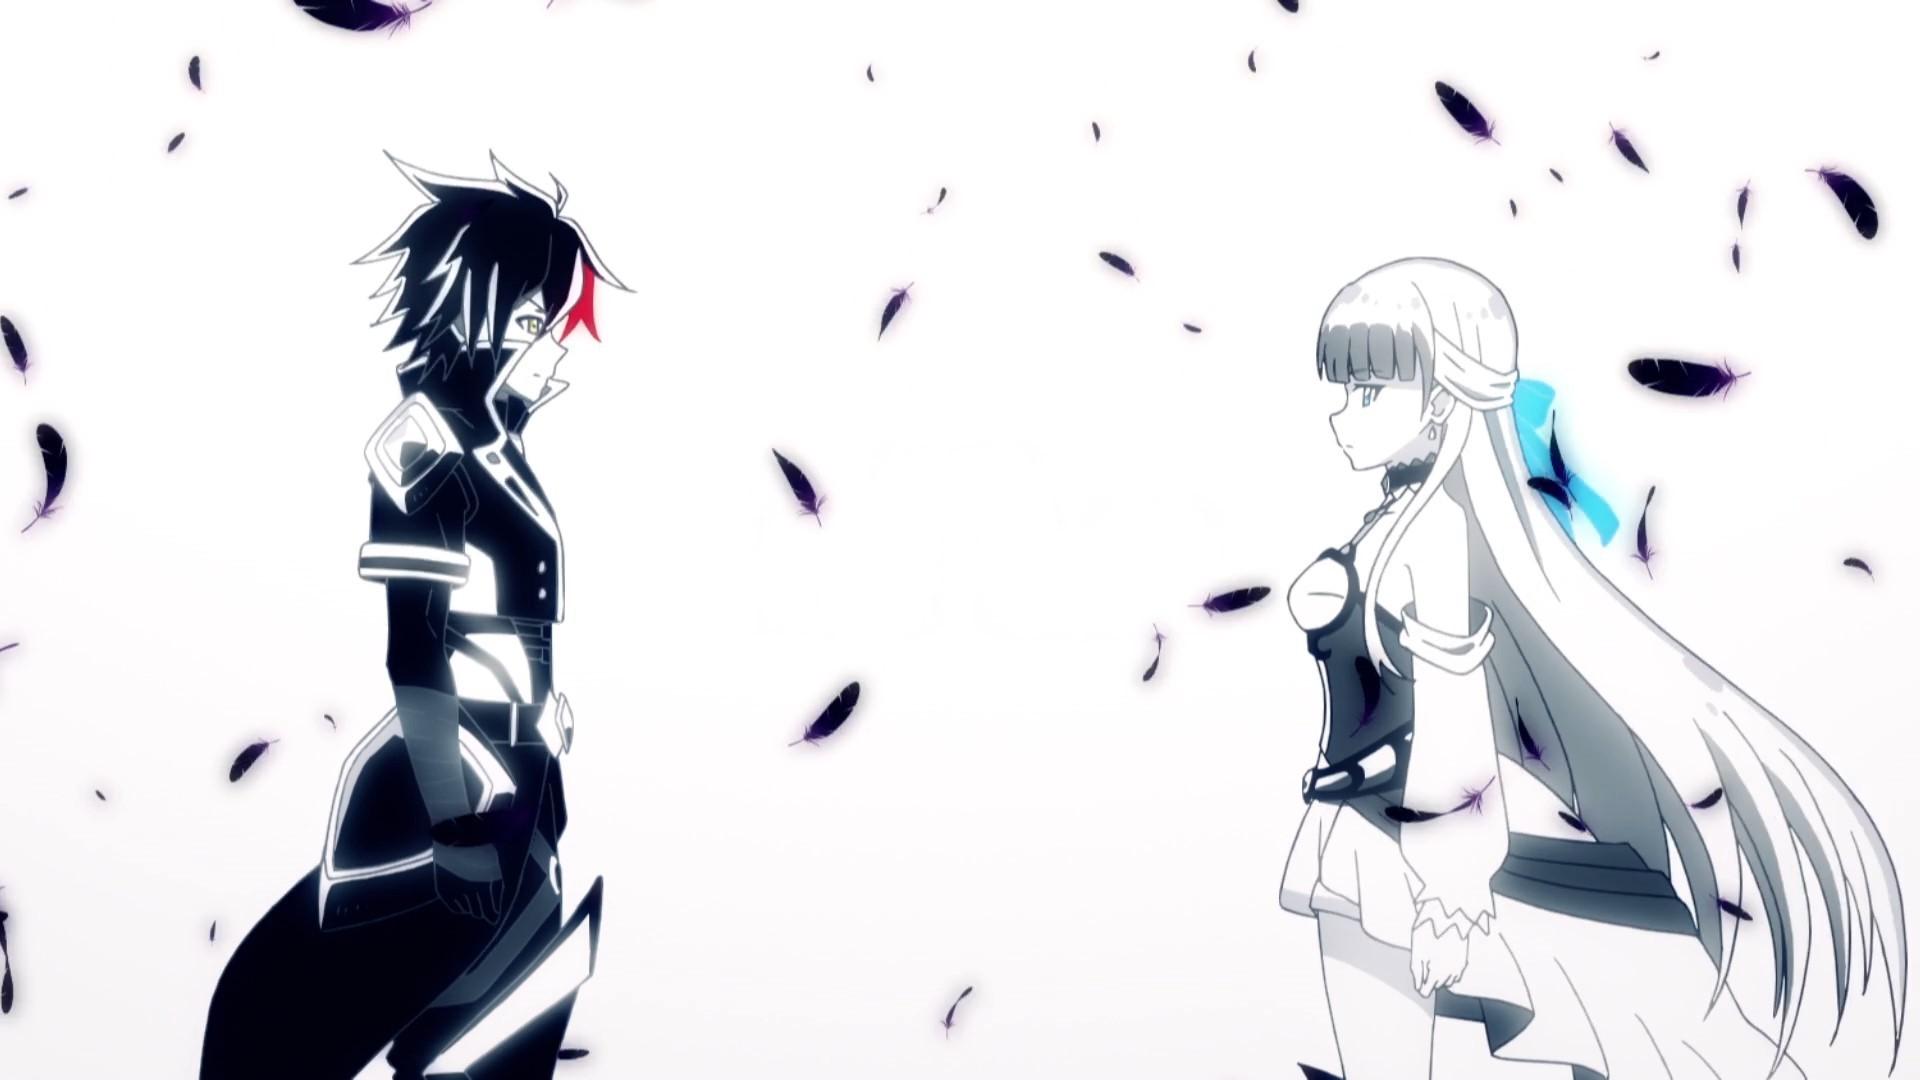 Shironeko anime